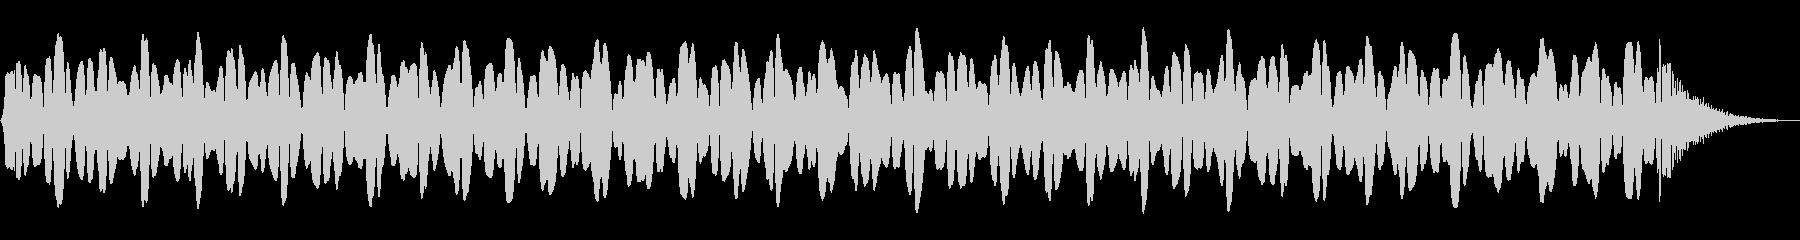 ヴィンテージスペースハンドスキャナ...の未再生の波形